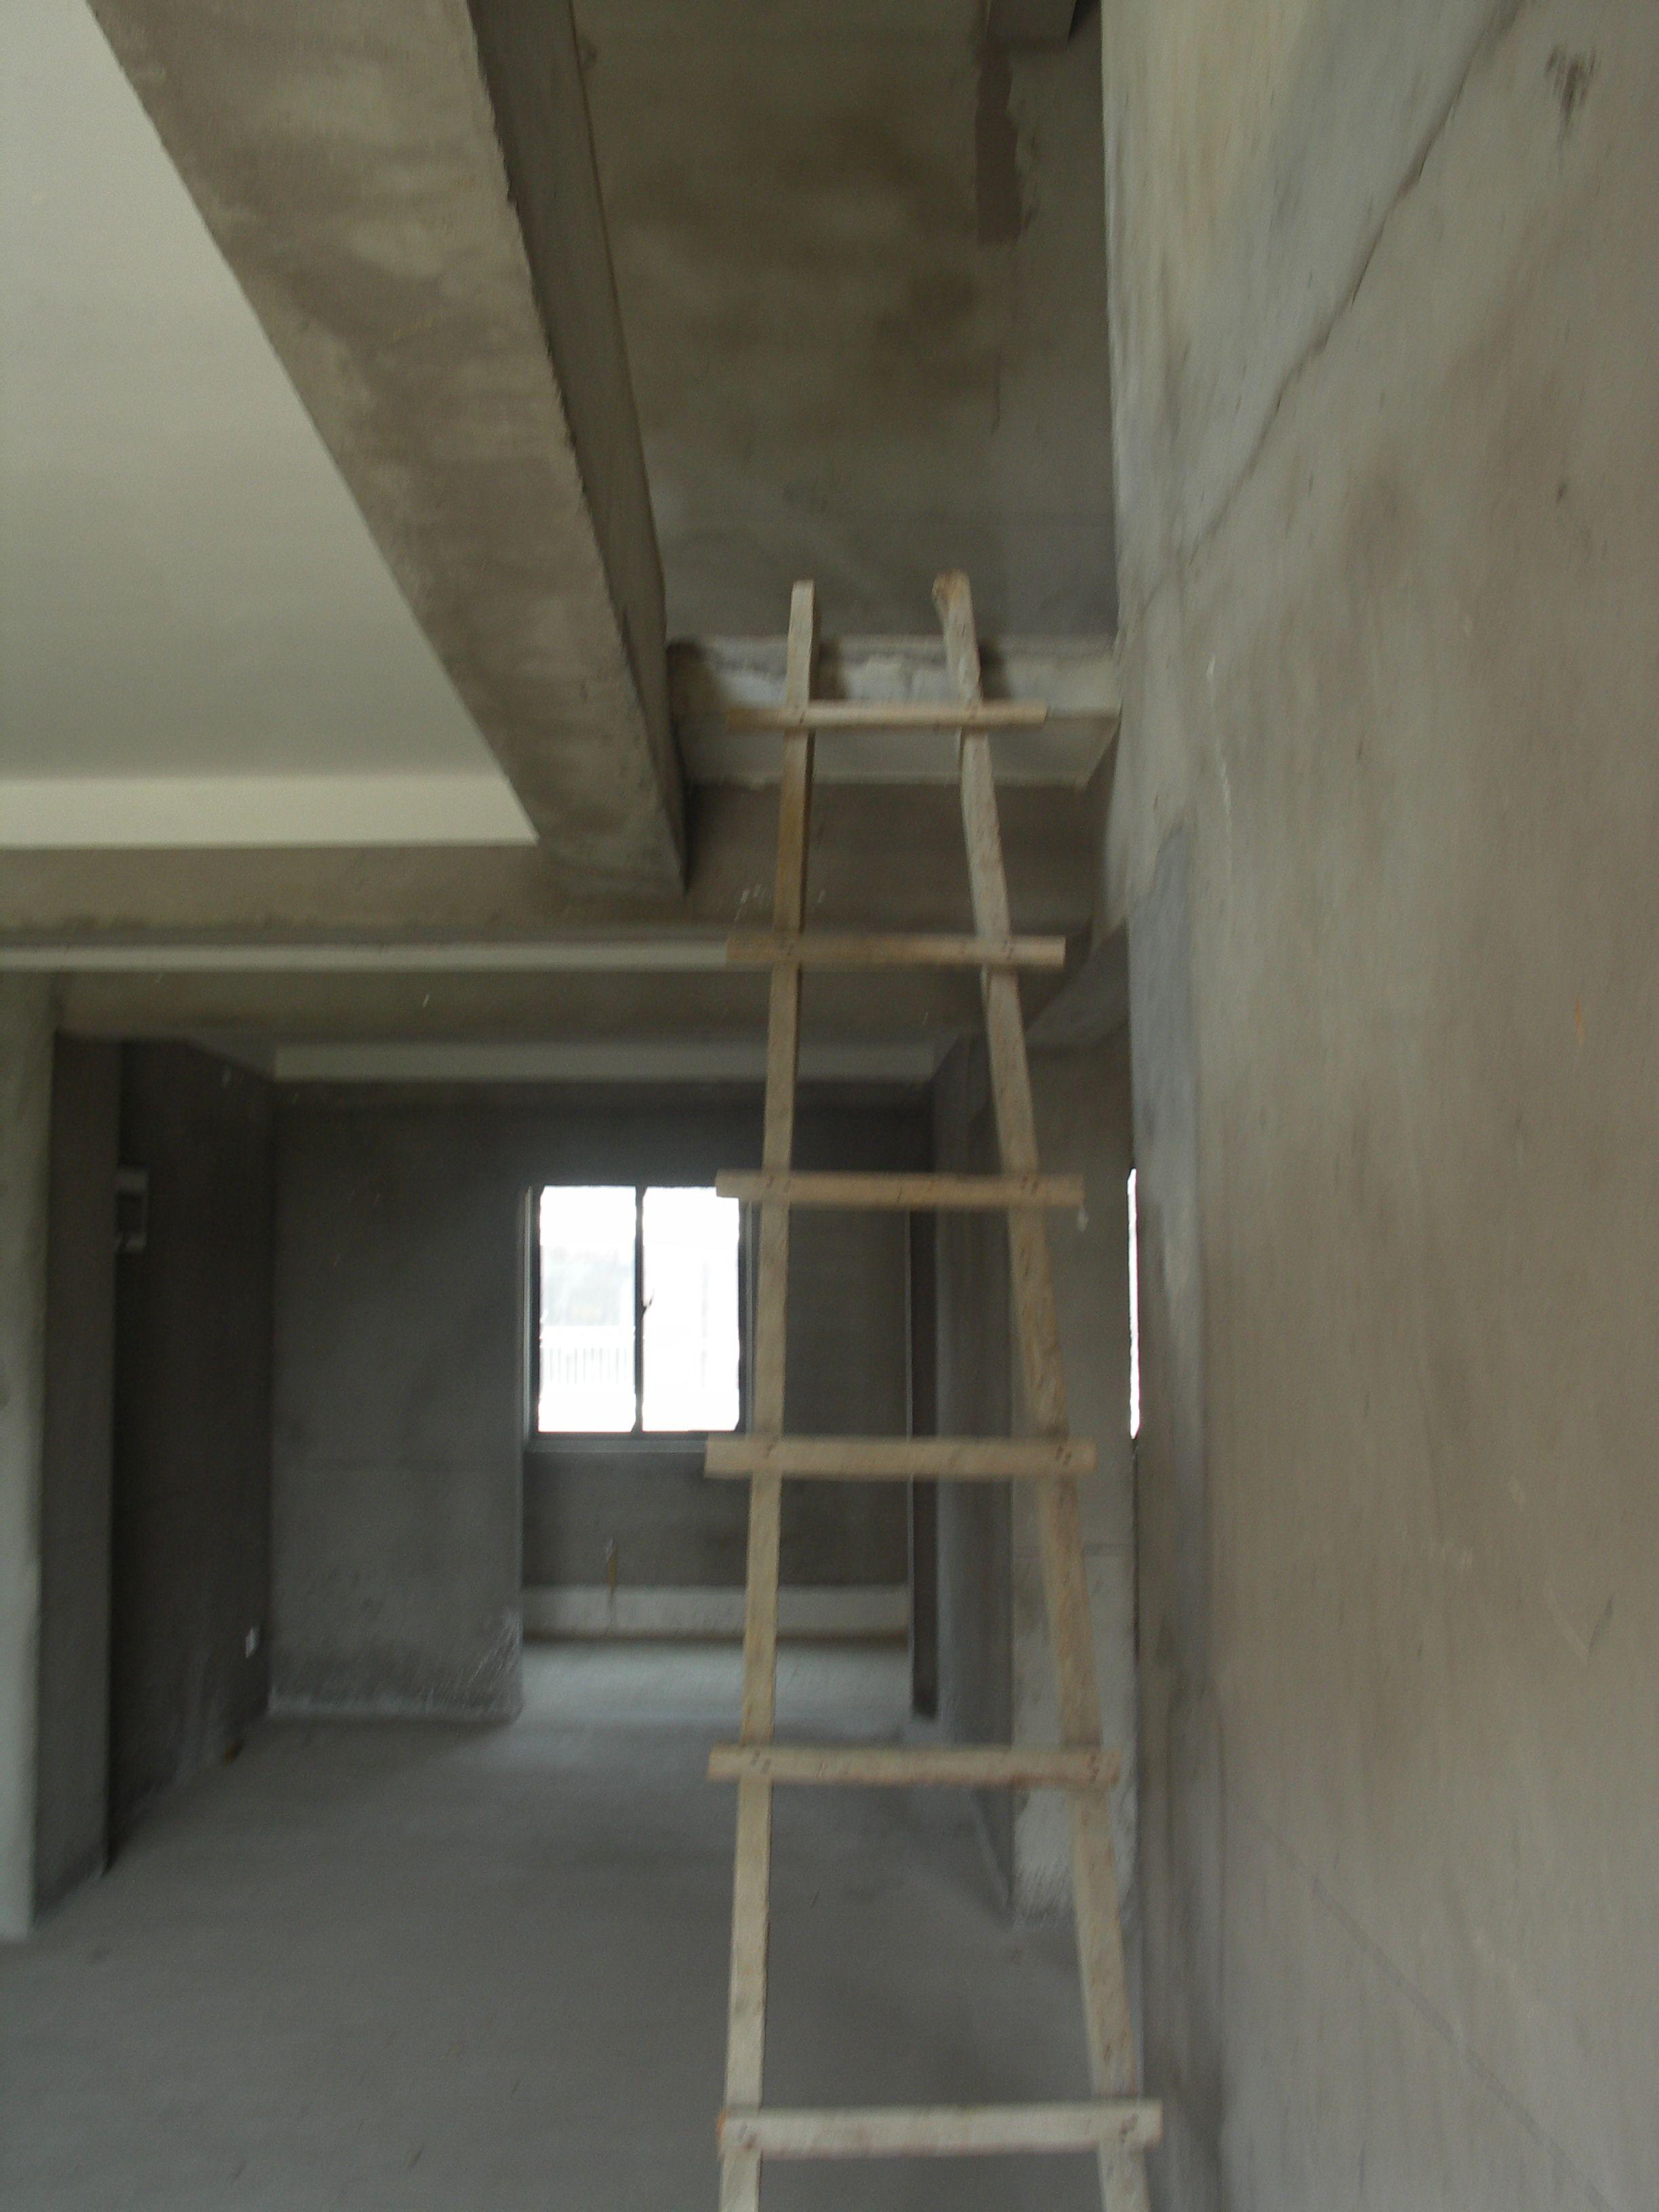 电视墙在楼梯下装修图 带楼梯的电视墙效果图_楼梯